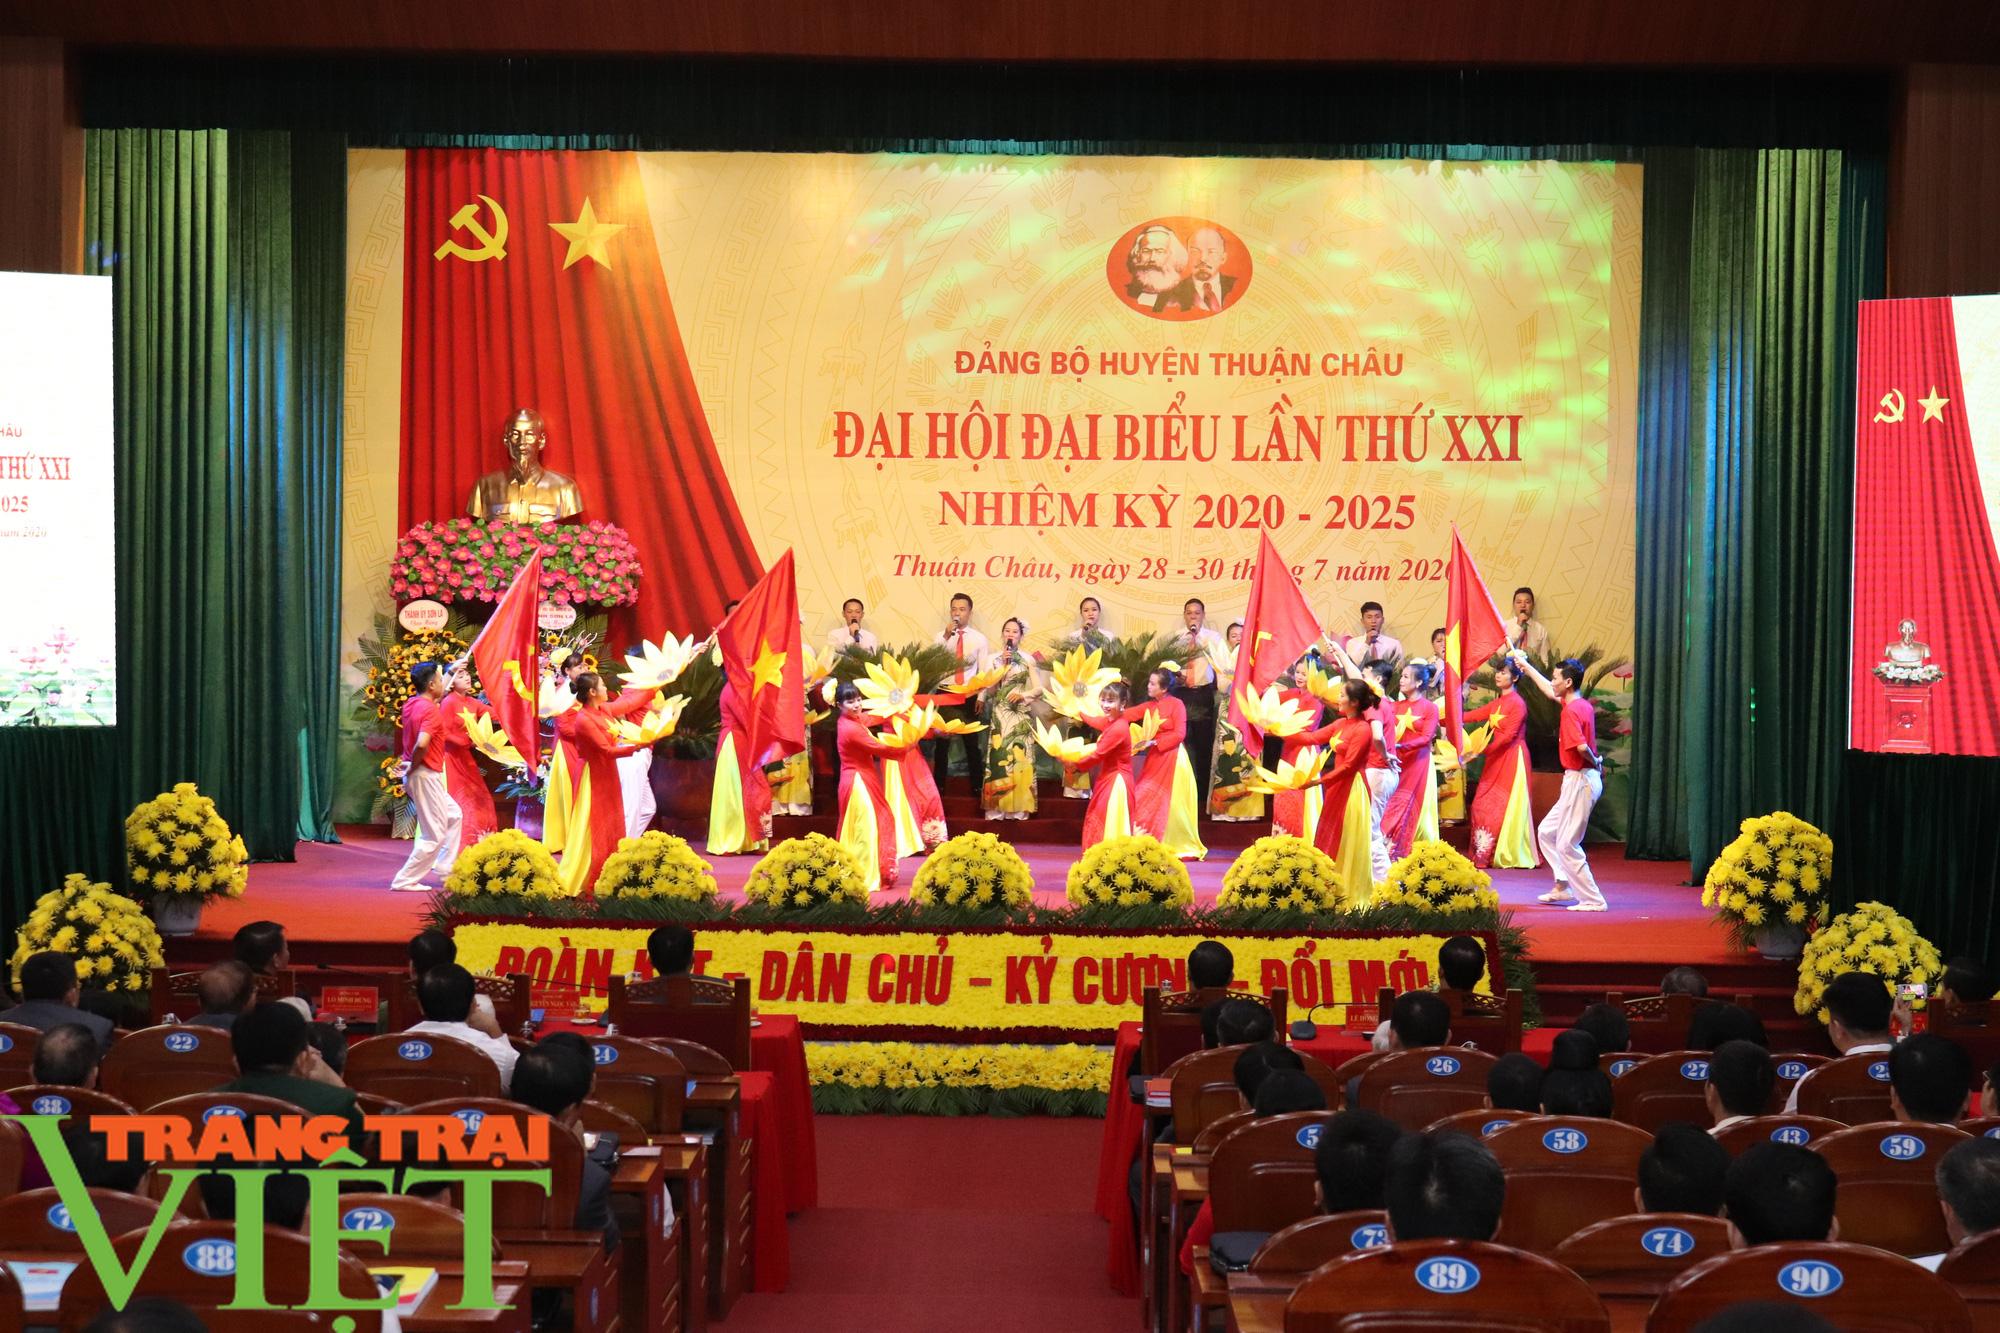 Ông Nguyễn Minh Tiến tái đắc cử Bí thư Huyện uỷ Thuận Châu - Ảnh 1.